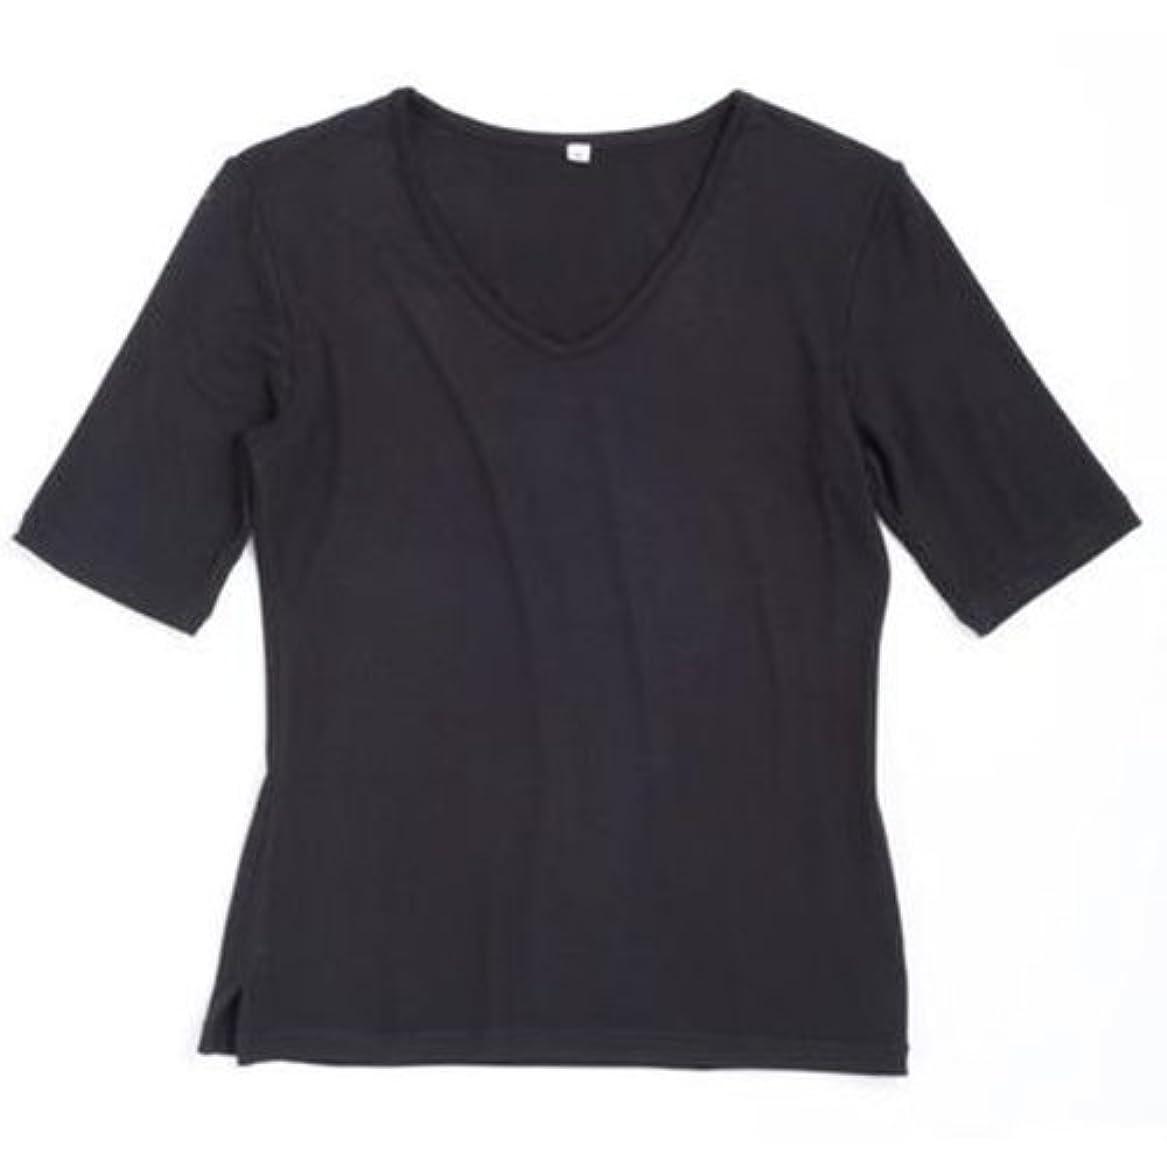 酸っぱいプロットグラマー竹スタイル Vネック半袖Tシャツ レディース ブラック L